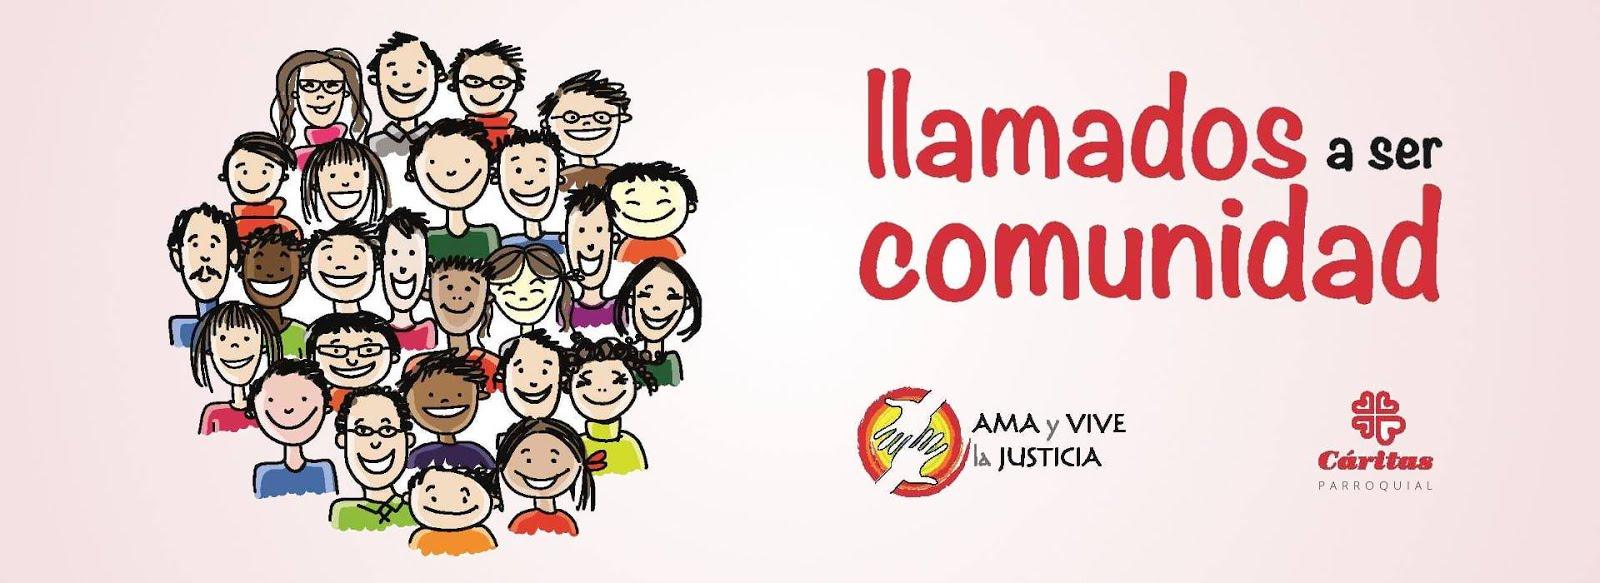 LLAMADOS A SER COMUNIDAD